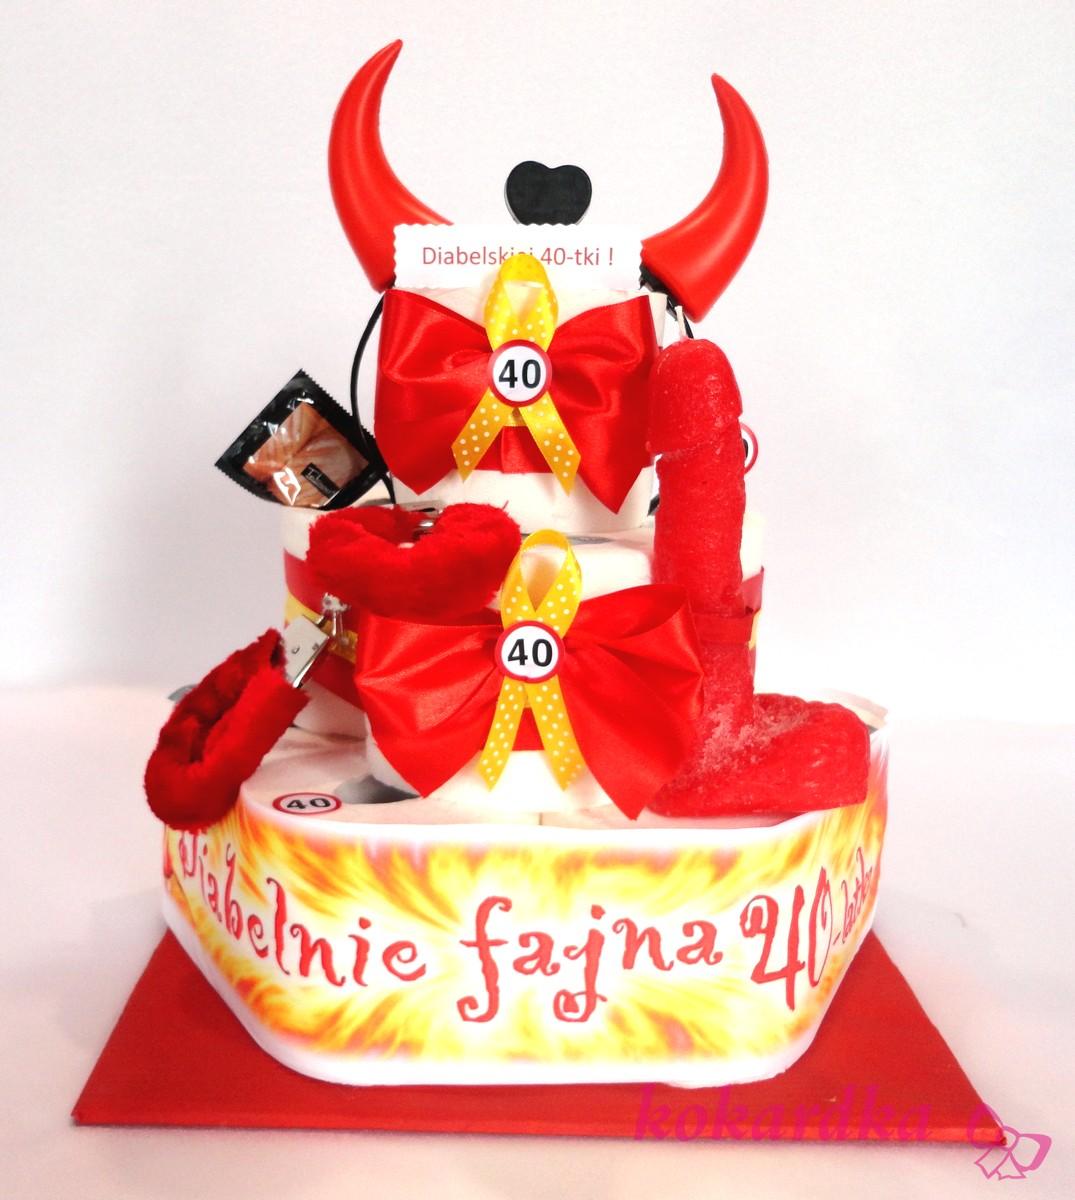 Tort Urodzinowy Z Papieru Diabelska 40 Stka Dla Kobiety Siostry Kolezanki Z Pracy Kokardka